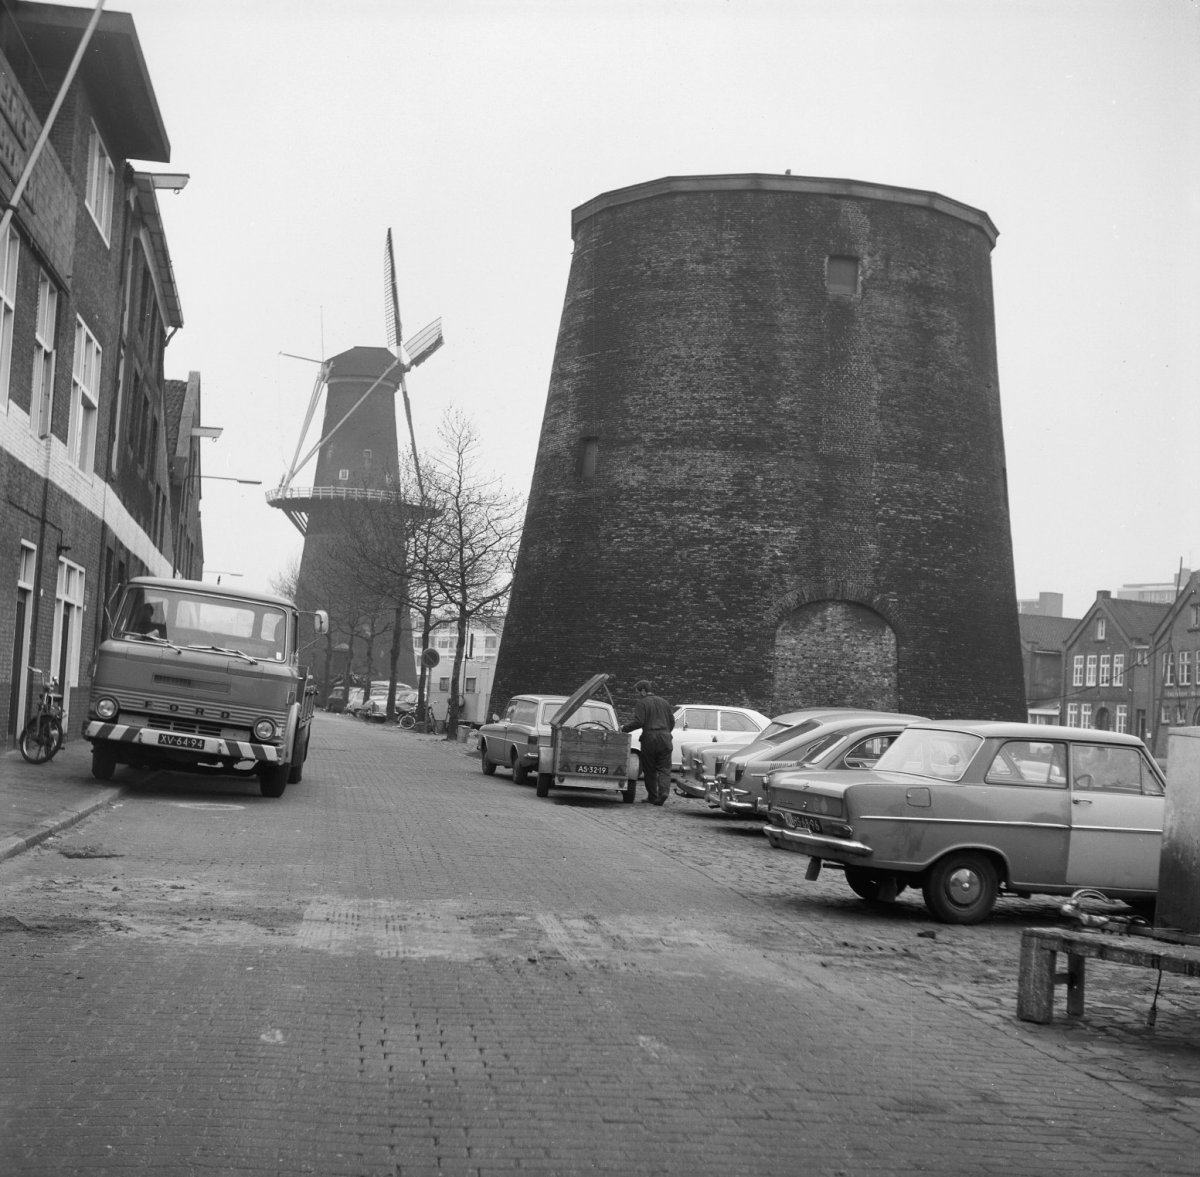 File:Korenmolen De Palmboom, verbrand 19-8-1901 - Schiedam